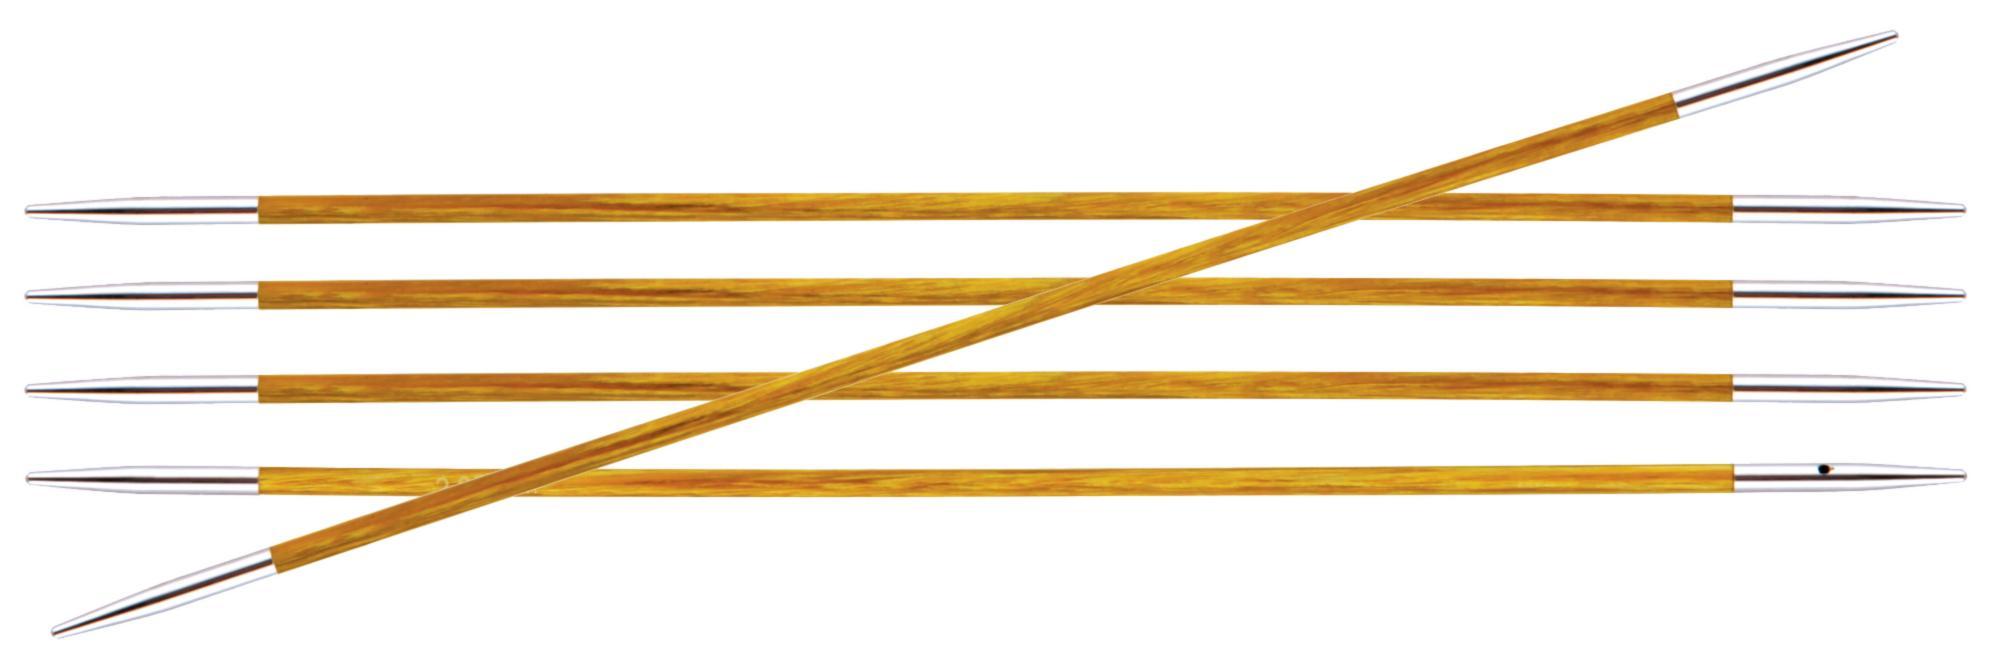 Спицы носочные 15 см Royale KnitPro, 29002, 2.25 мм